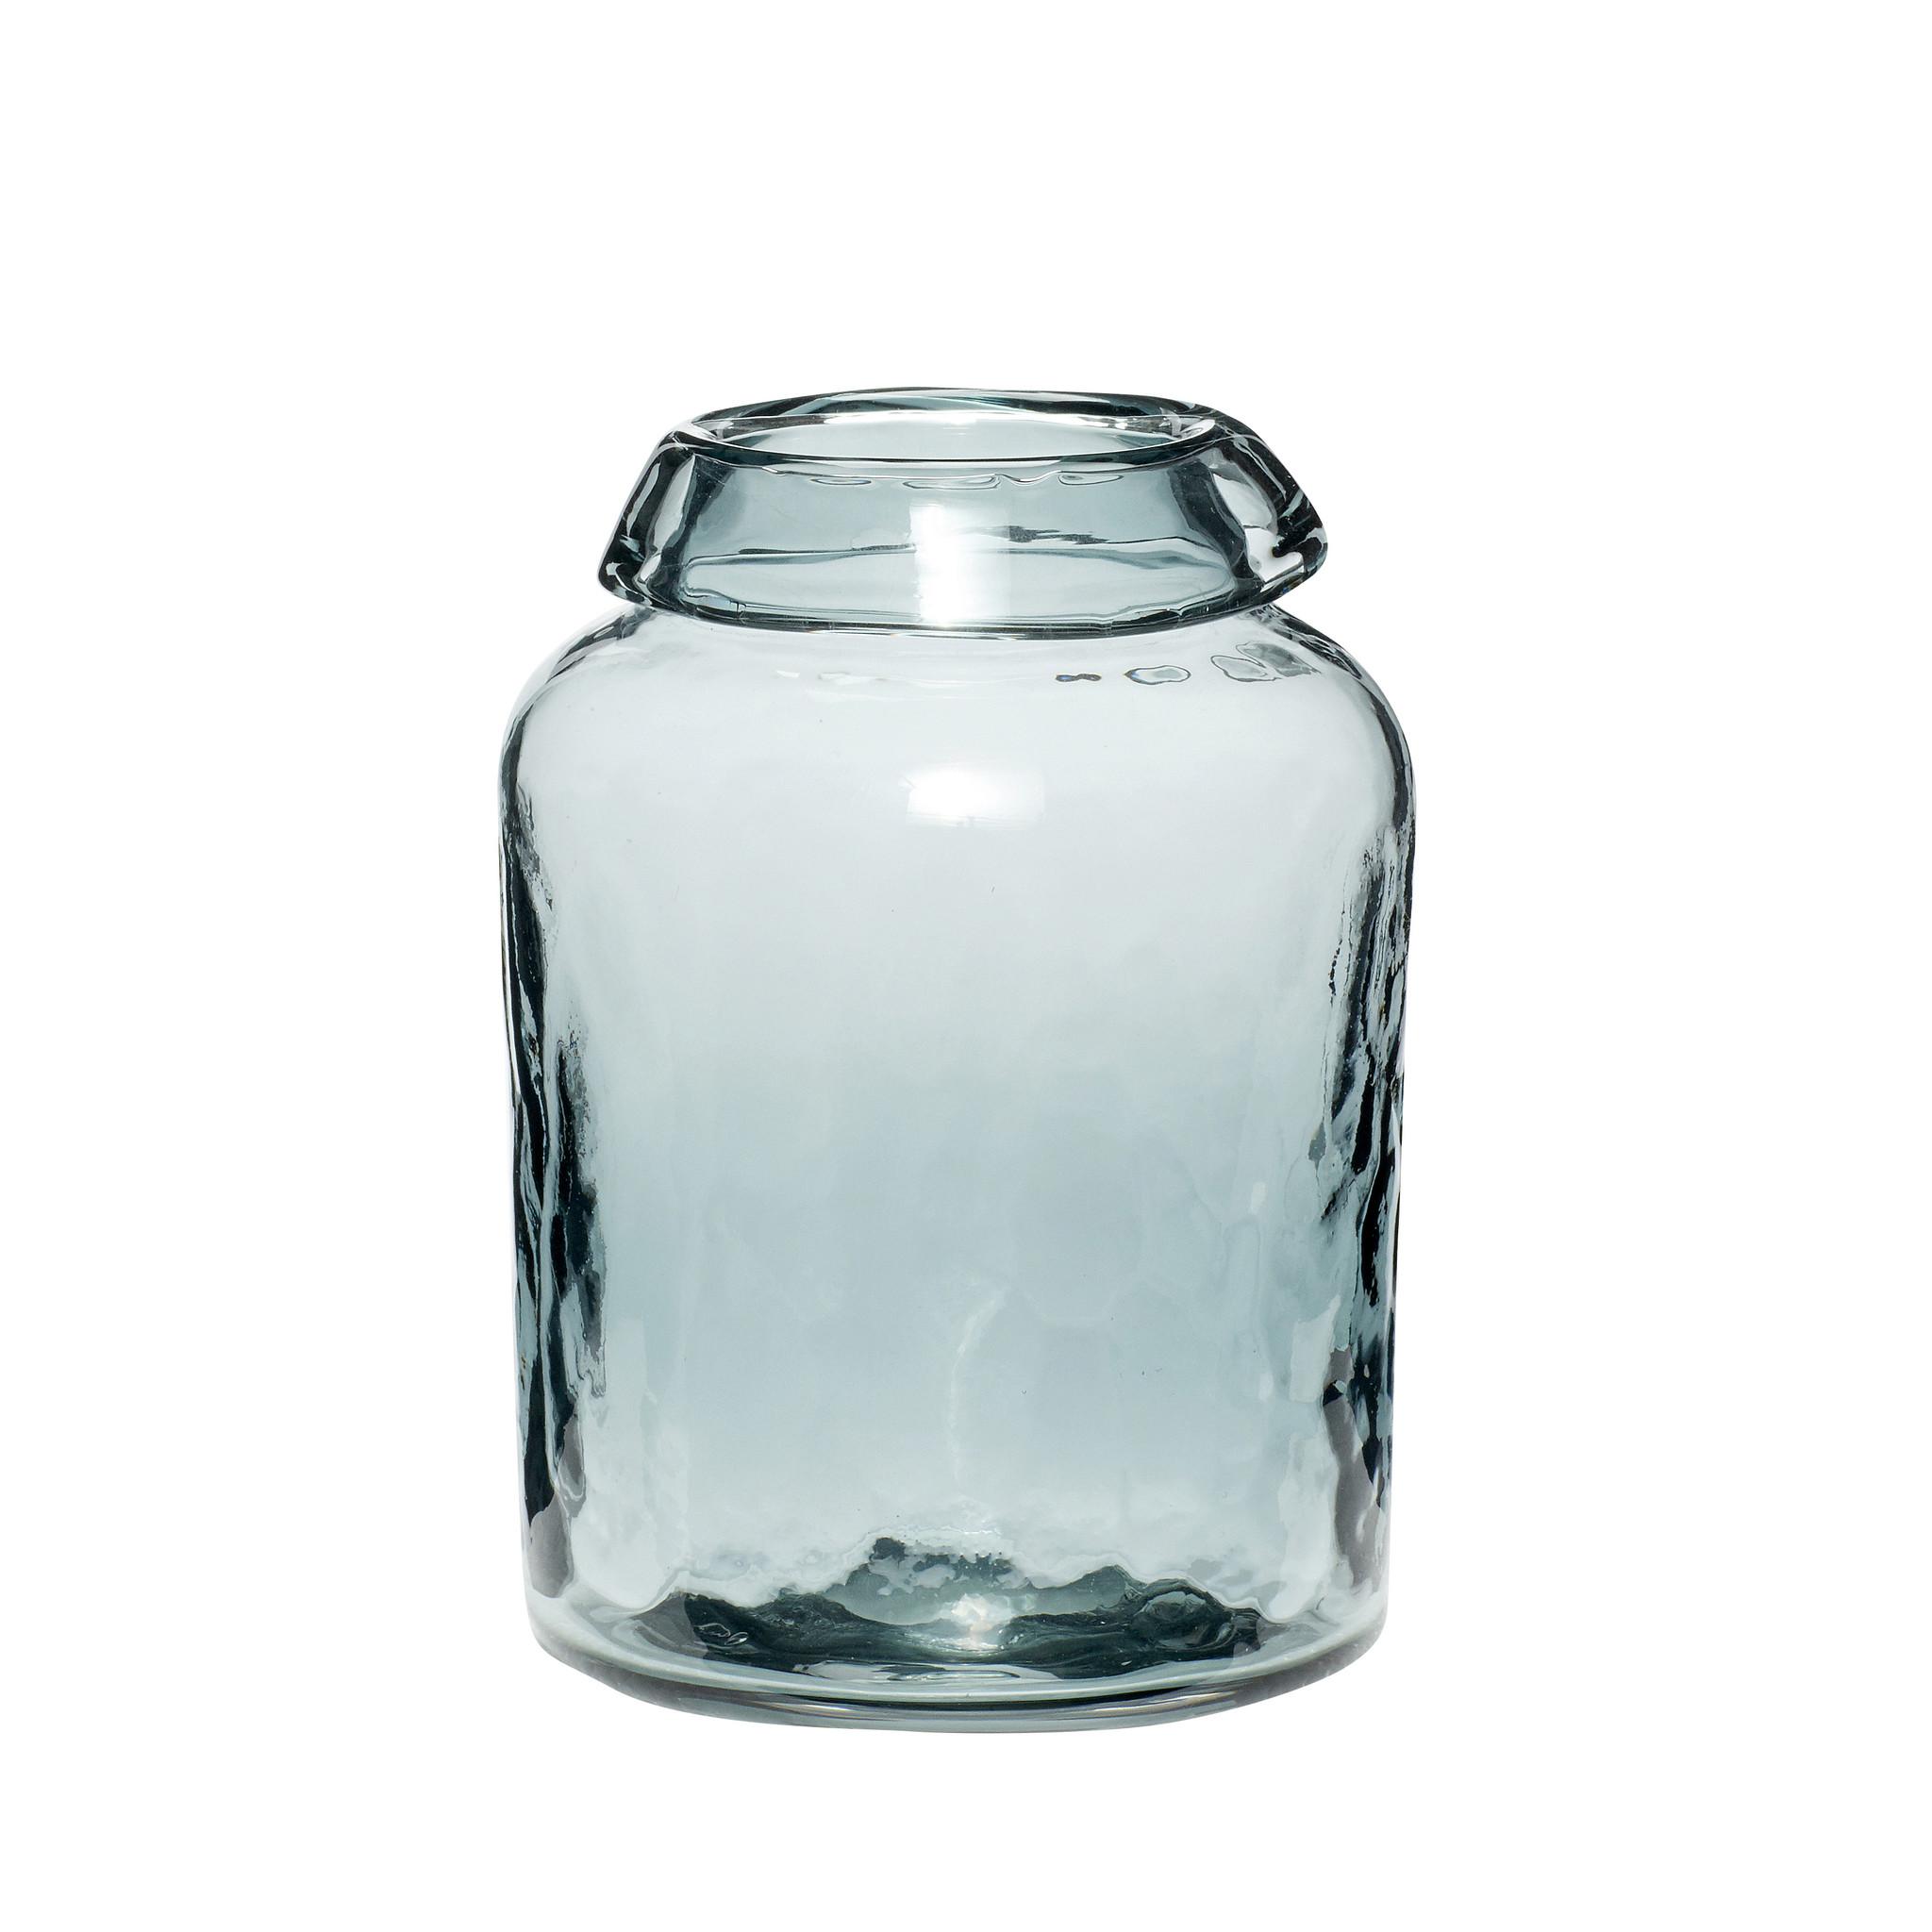 Hubsch Vaas, glas, blauw, klein